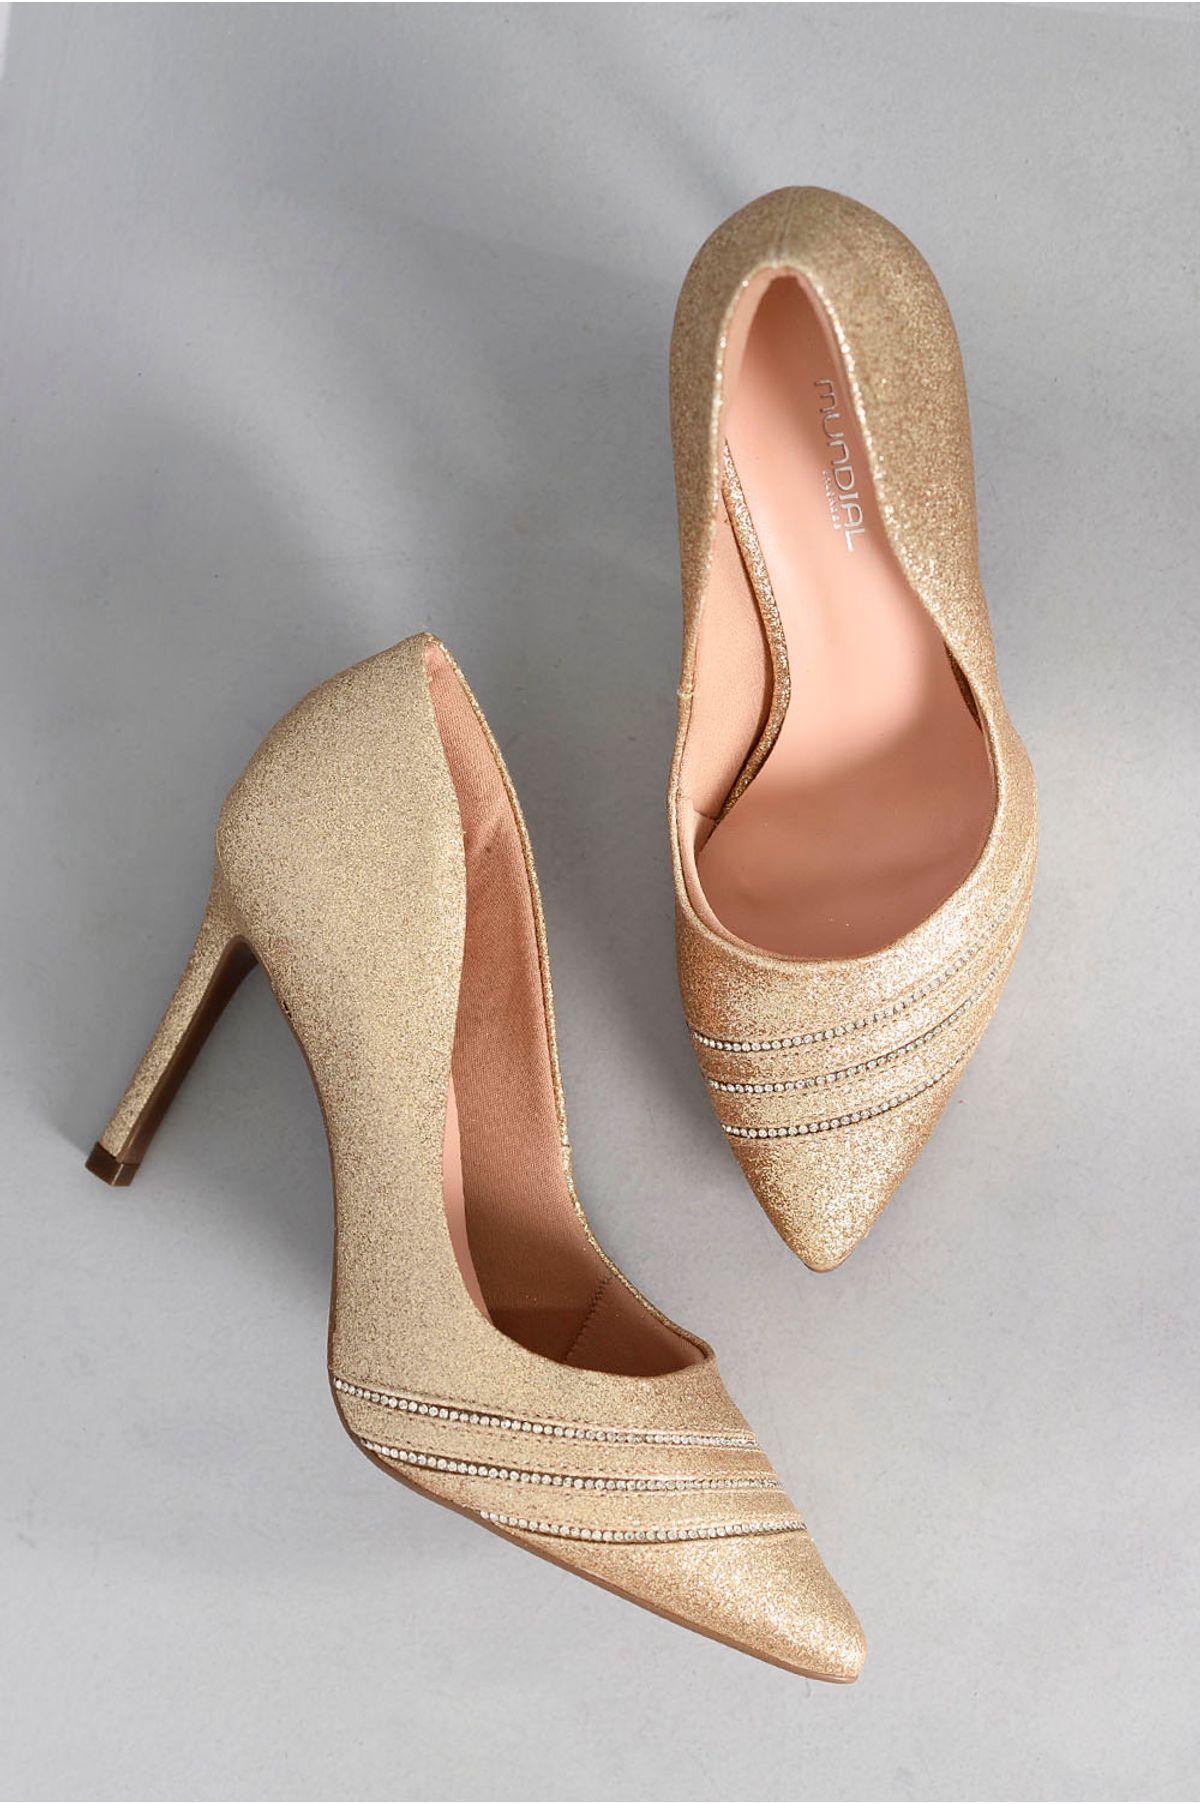 c02b067cb2 Scarpin Feminino Salto Alto Pearlie Mundial OURO - Mundial Calçados